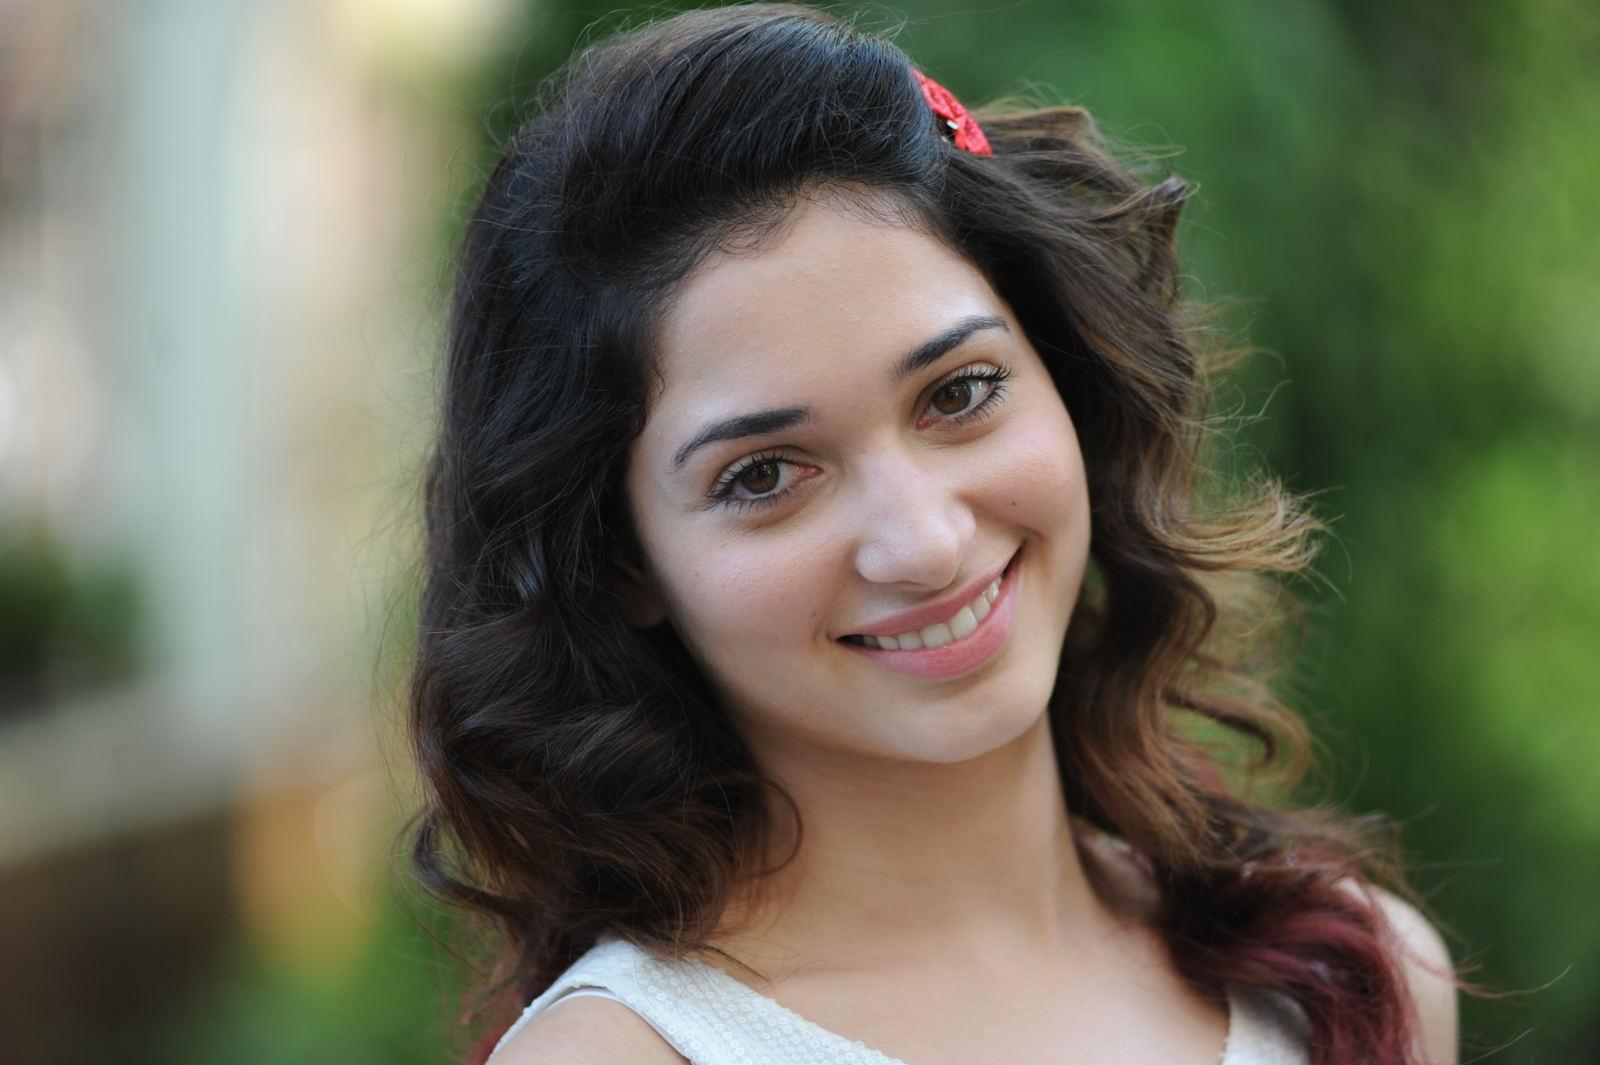 tamannaah bhatia smile wallpaper 54797